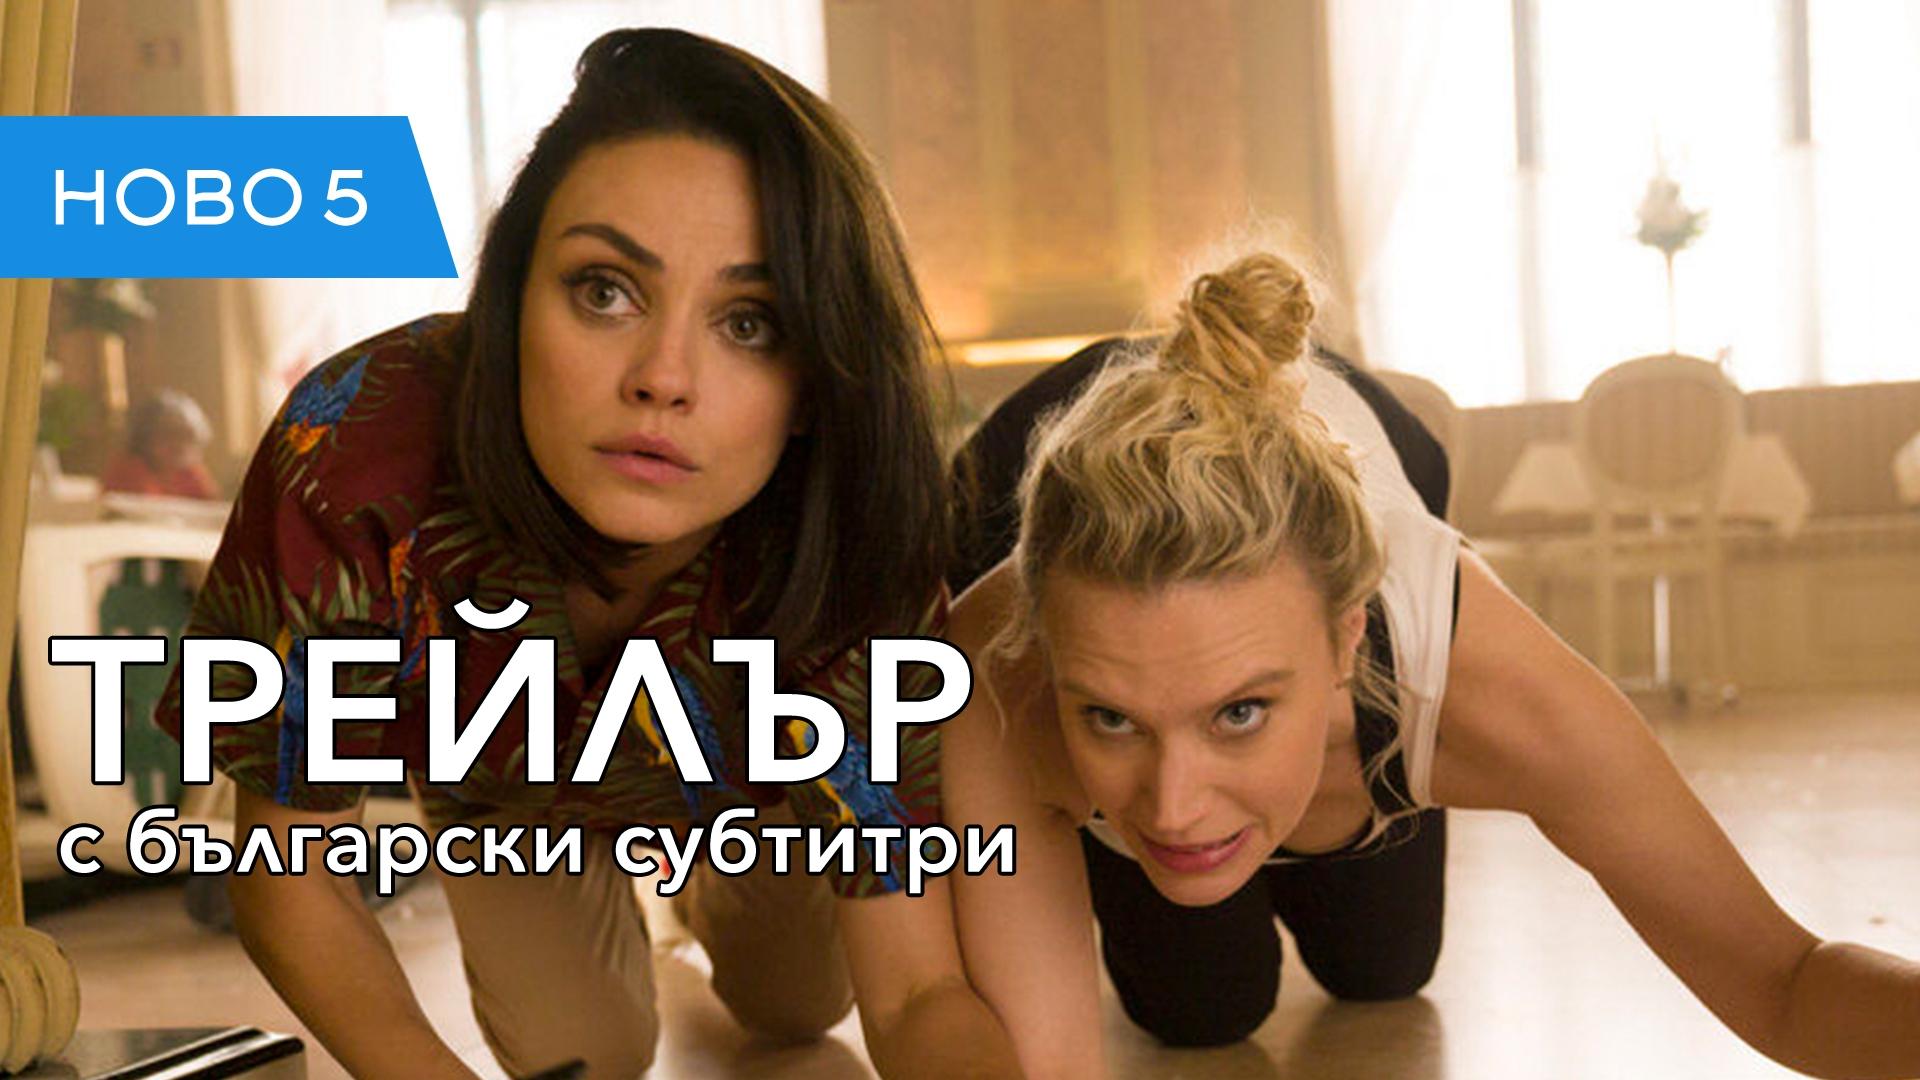 Бивш под прикритие (2018) трейлър с български субтитри